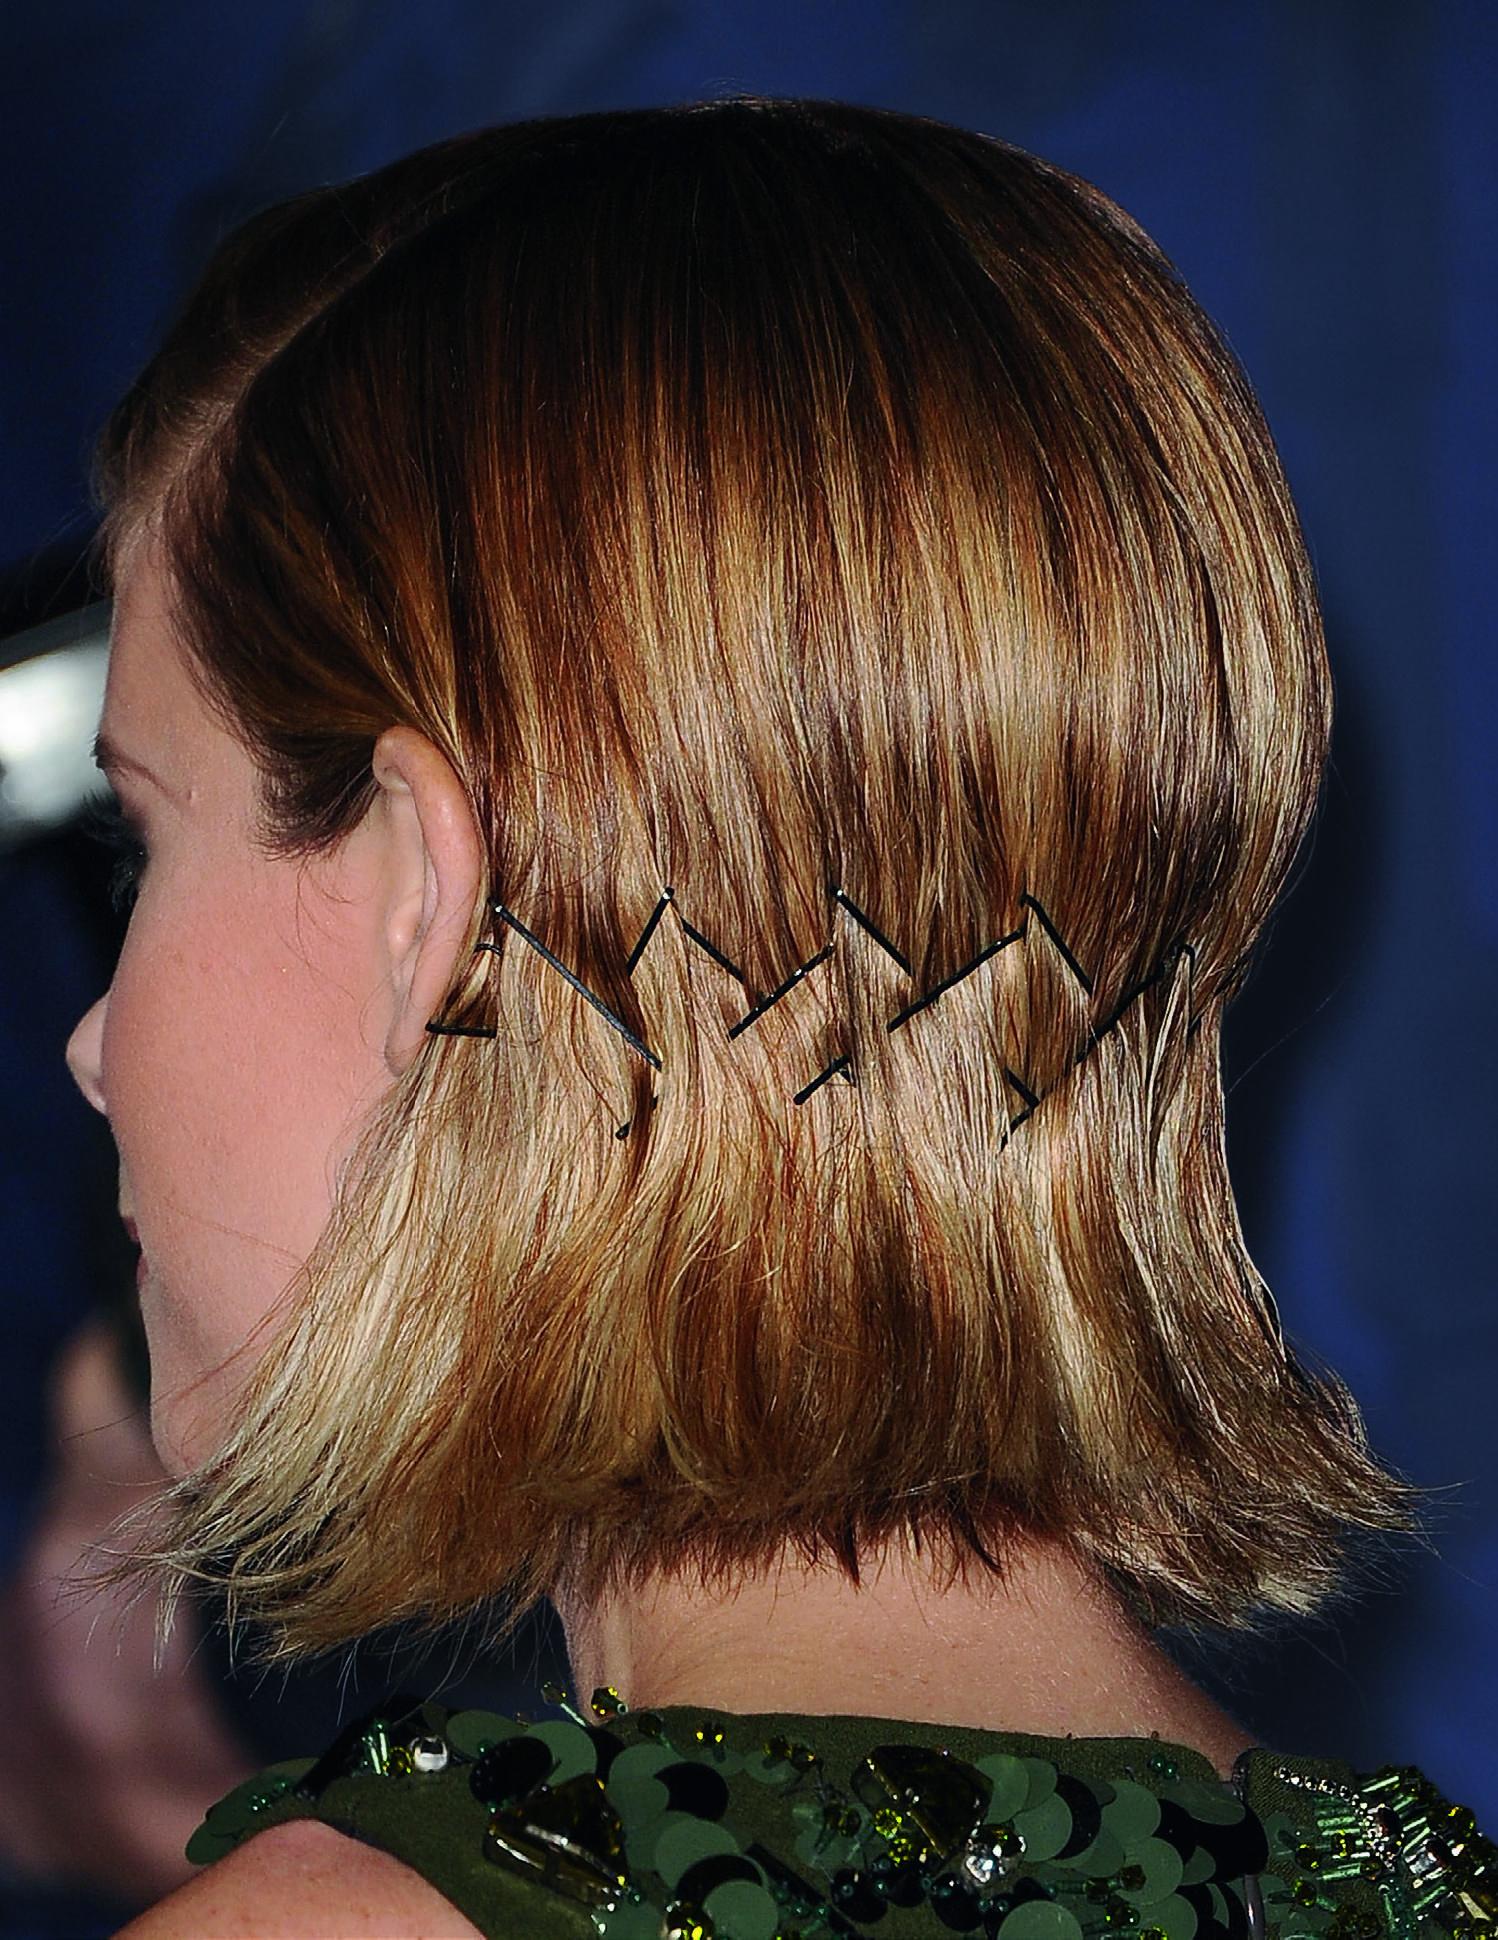 4 penteados para quem tem cabelo curto